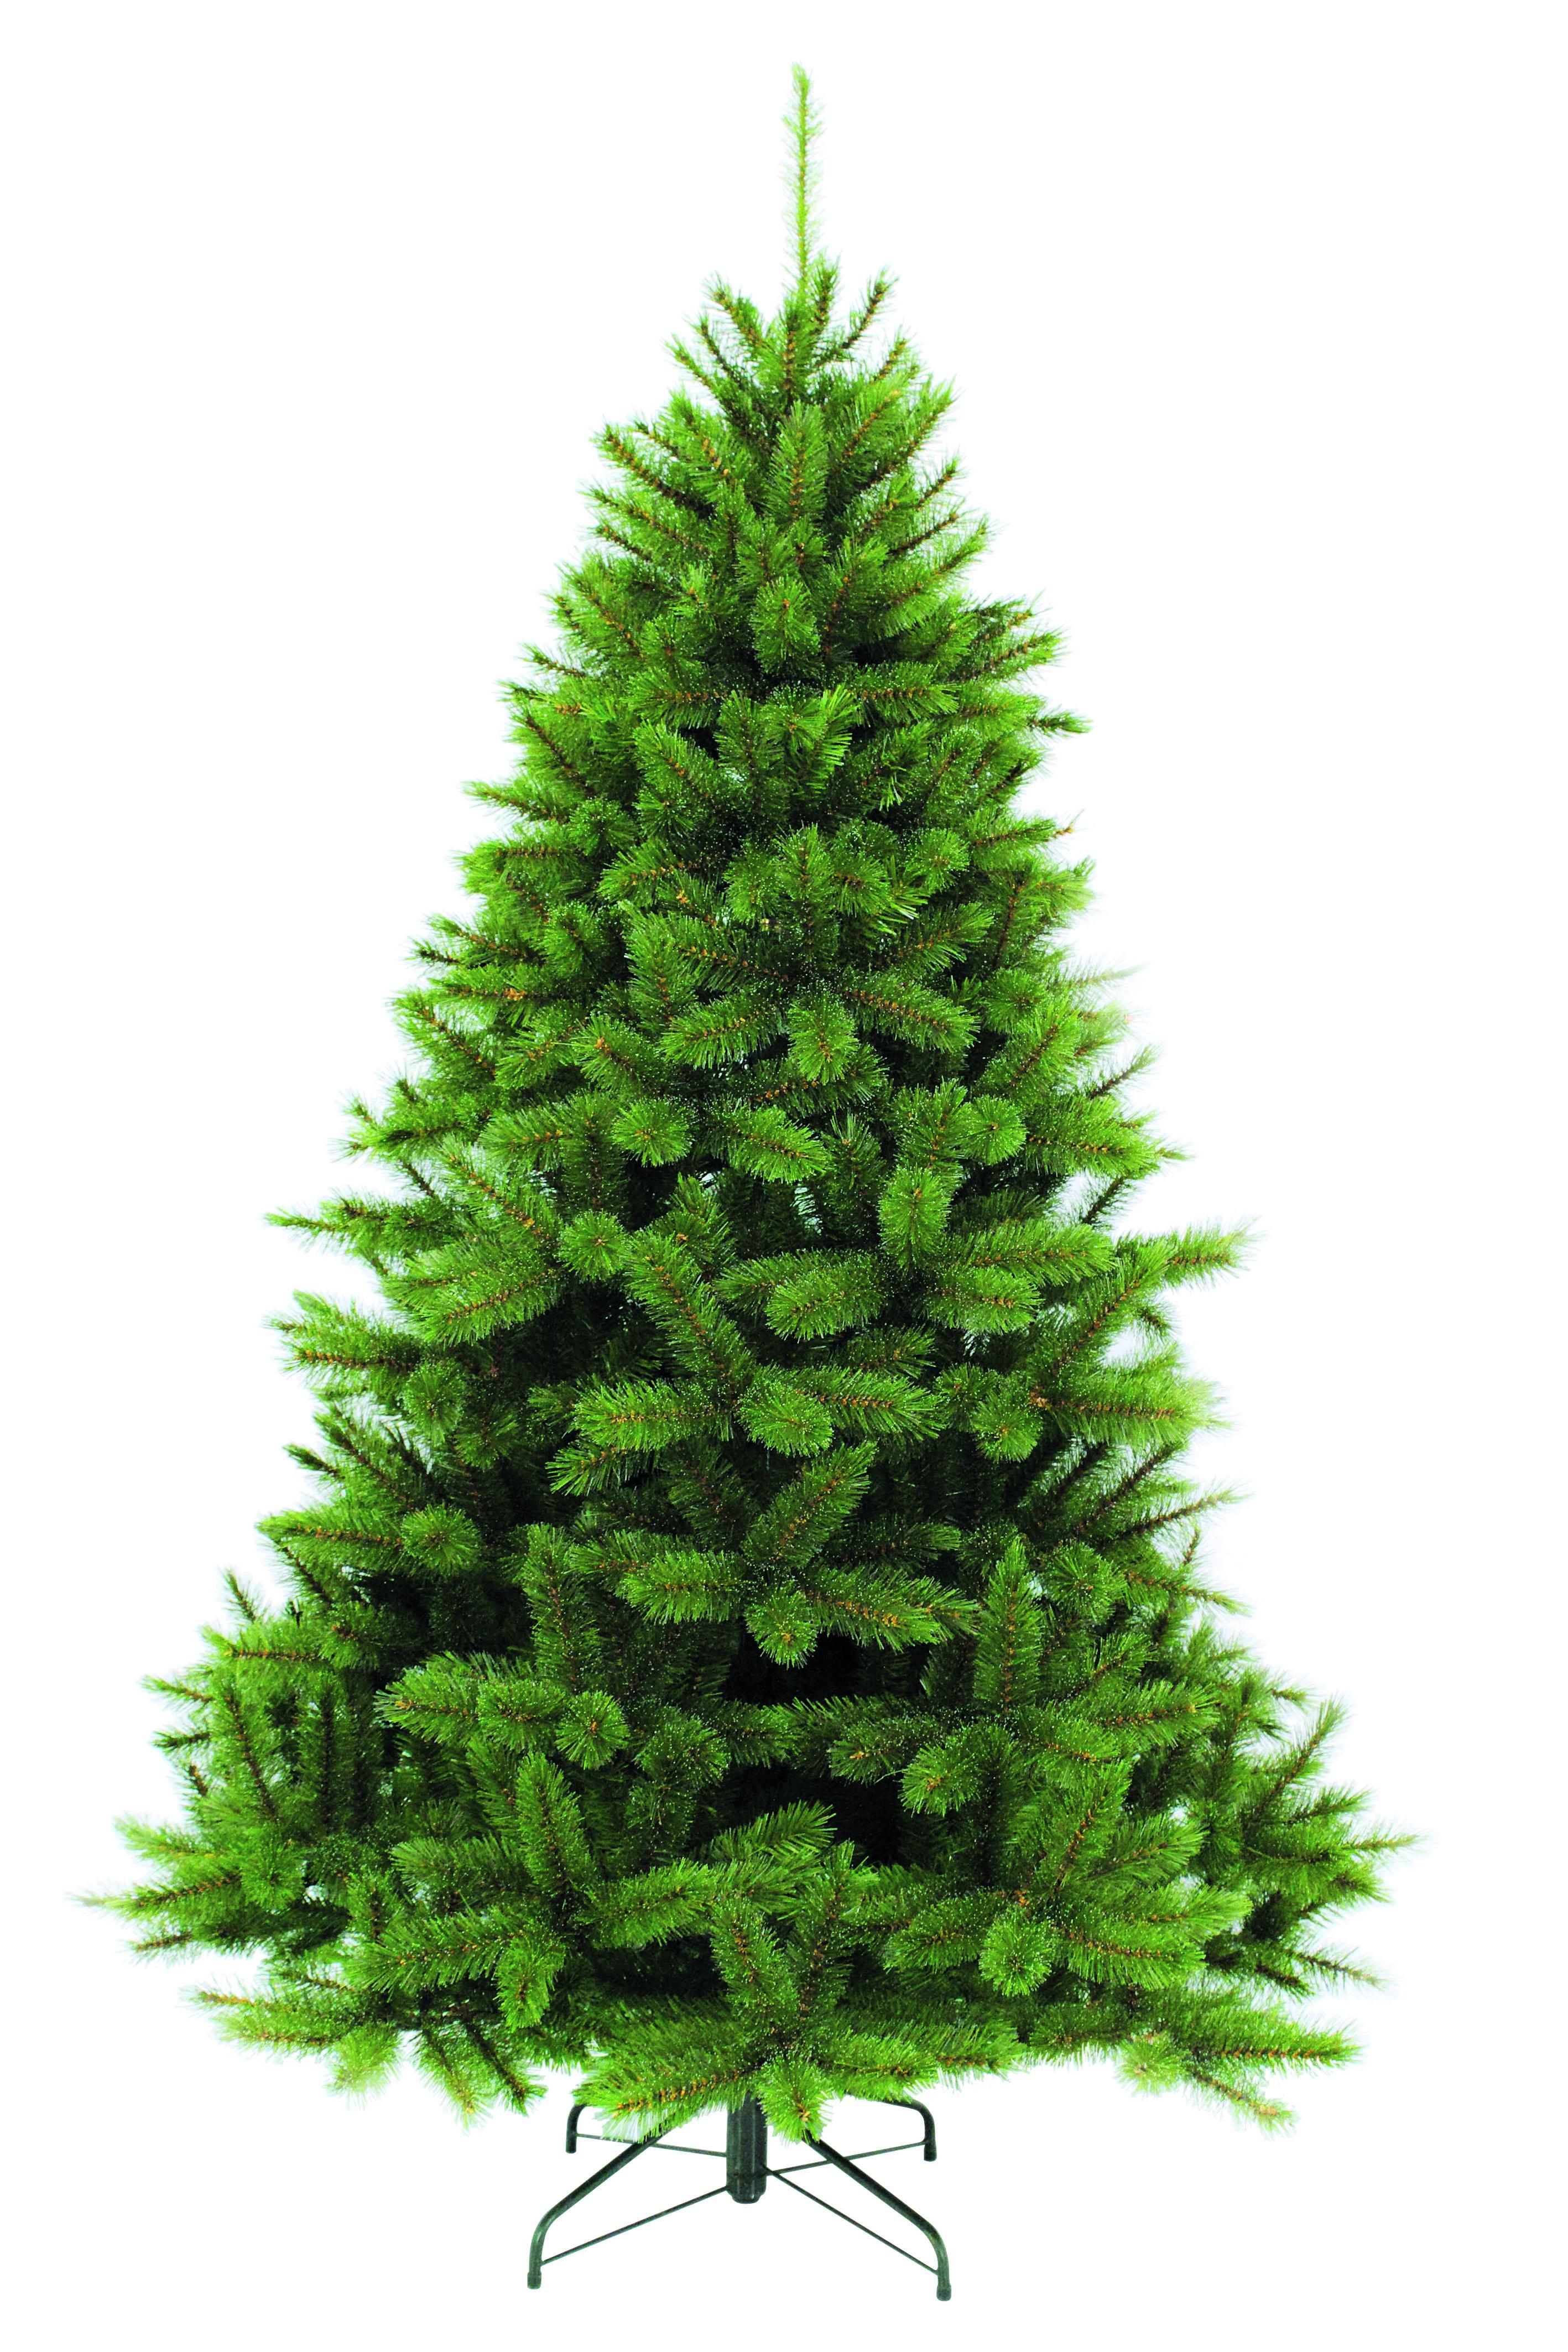 Пихта искусственная Triumph Tree Прелестная, цвет: зеленый, высота 120 см388724Искусственная пихта Triumph Tree «Прелестная», выполненная из ПВХ, станет прекрасным вариантом для оформления вашего интерьера к Новому году. Такая пихта абсолютно безопасна для самых непоседливых малышей, удобна в сборке и не занимает много места при хранении. Она быстро и легко устанавливается и имеет естественный и абсолютно натуральный вид. Иголочки не осыпаются, не мнутся и не выцветают со временем. Полимерные материалы, из которых они изготовлены, не токсичны и не поддаются горению. Пихта Triumph Tree «Прелестная» обязательно создаст настроение волшебства и уюта, а так же станет прекрасным украшением дома на период новогодних праздников. Высота: 120 см.